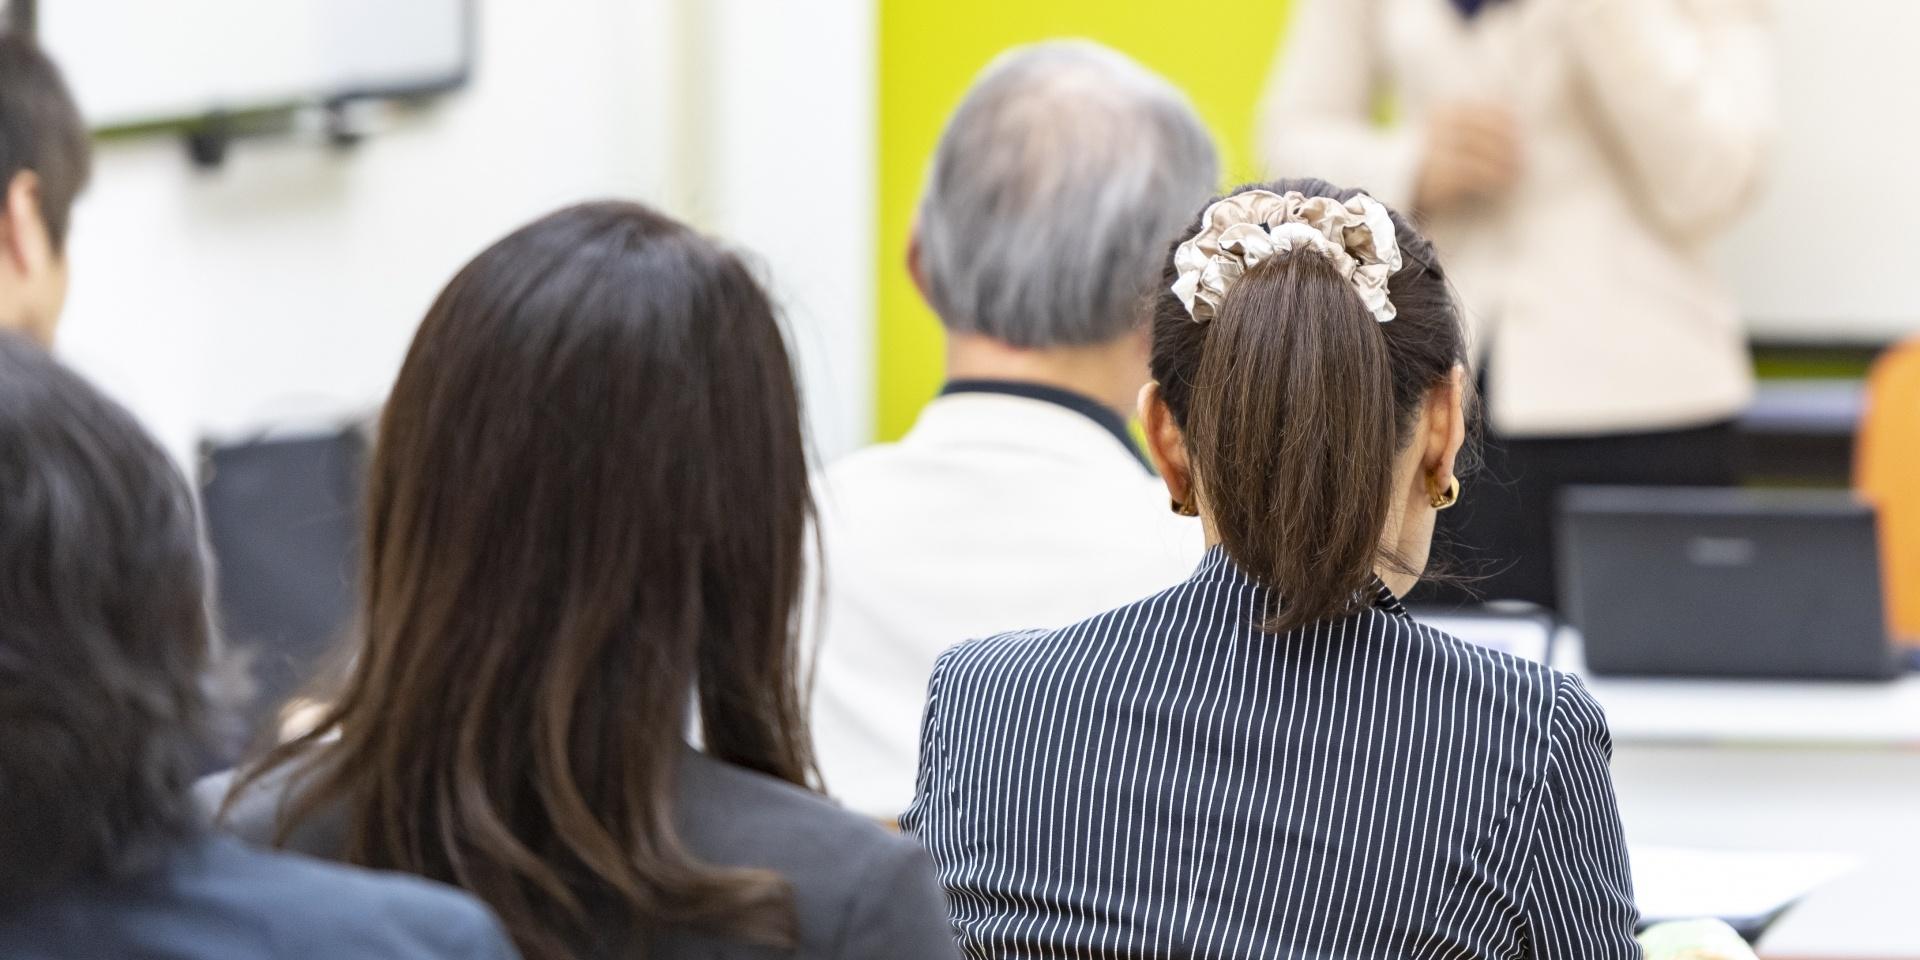 一般社団法人の社員の意味と役割について